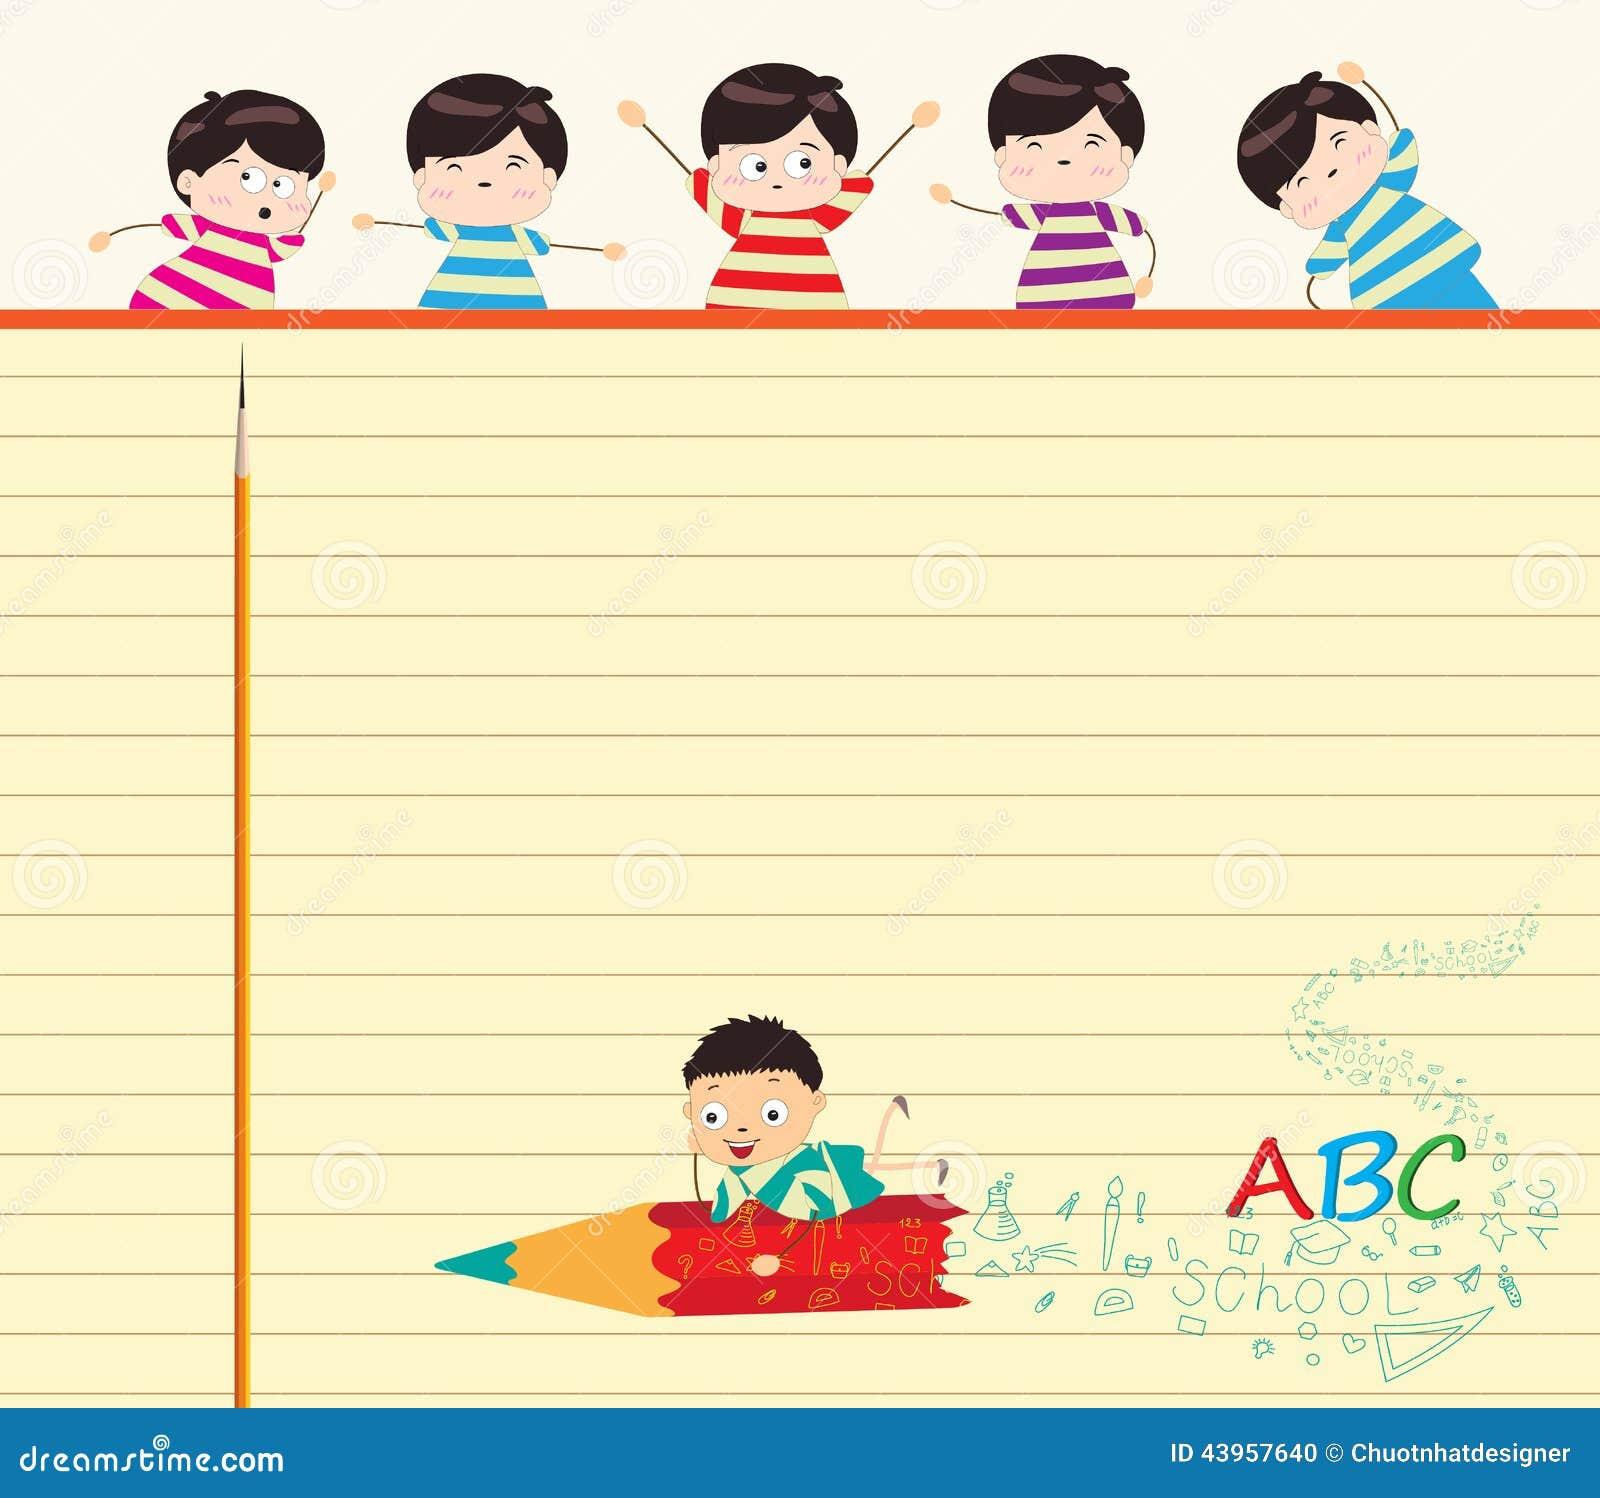 children school background - photo #12